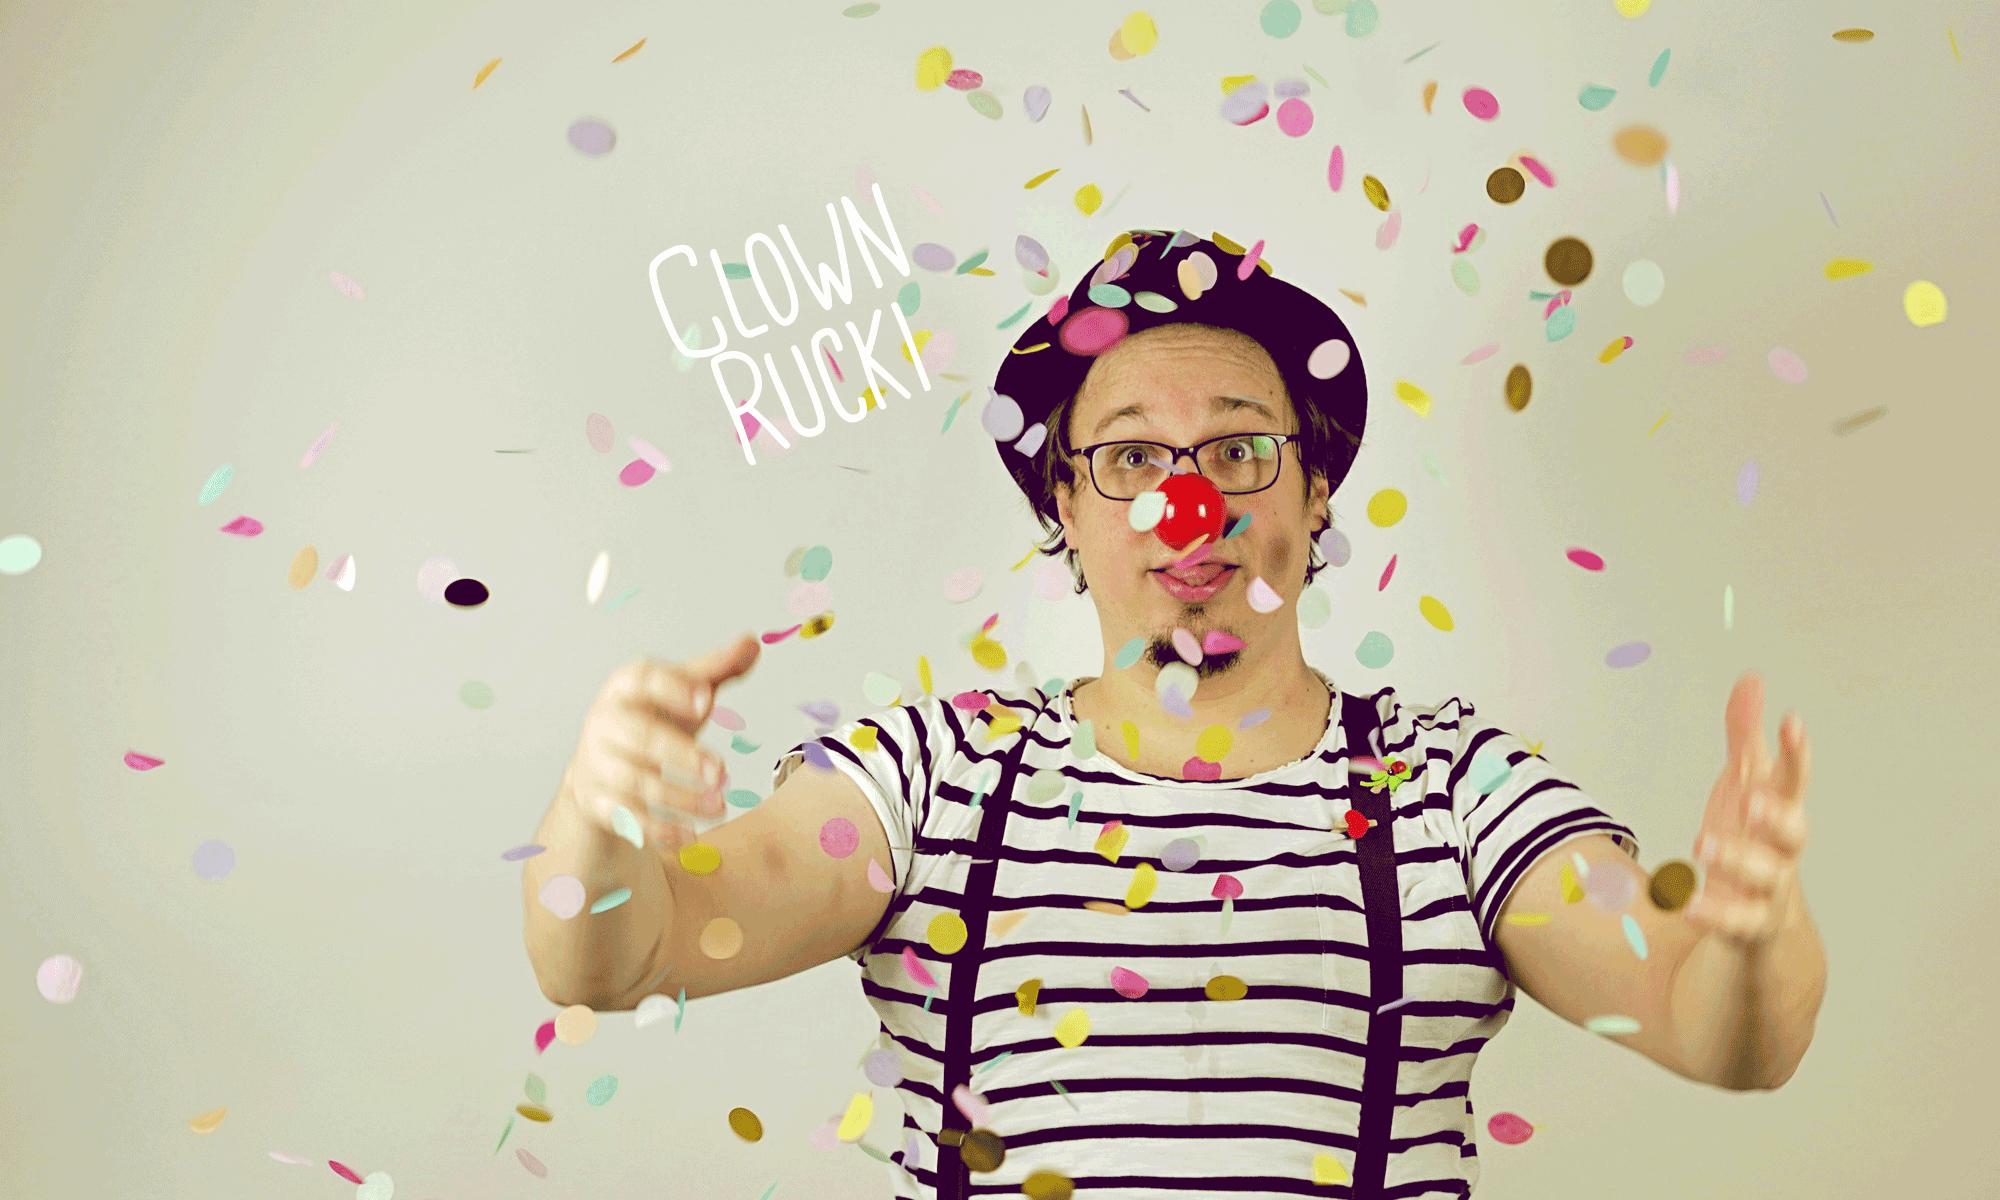 Clown Rucki - Klinikclown in Franken